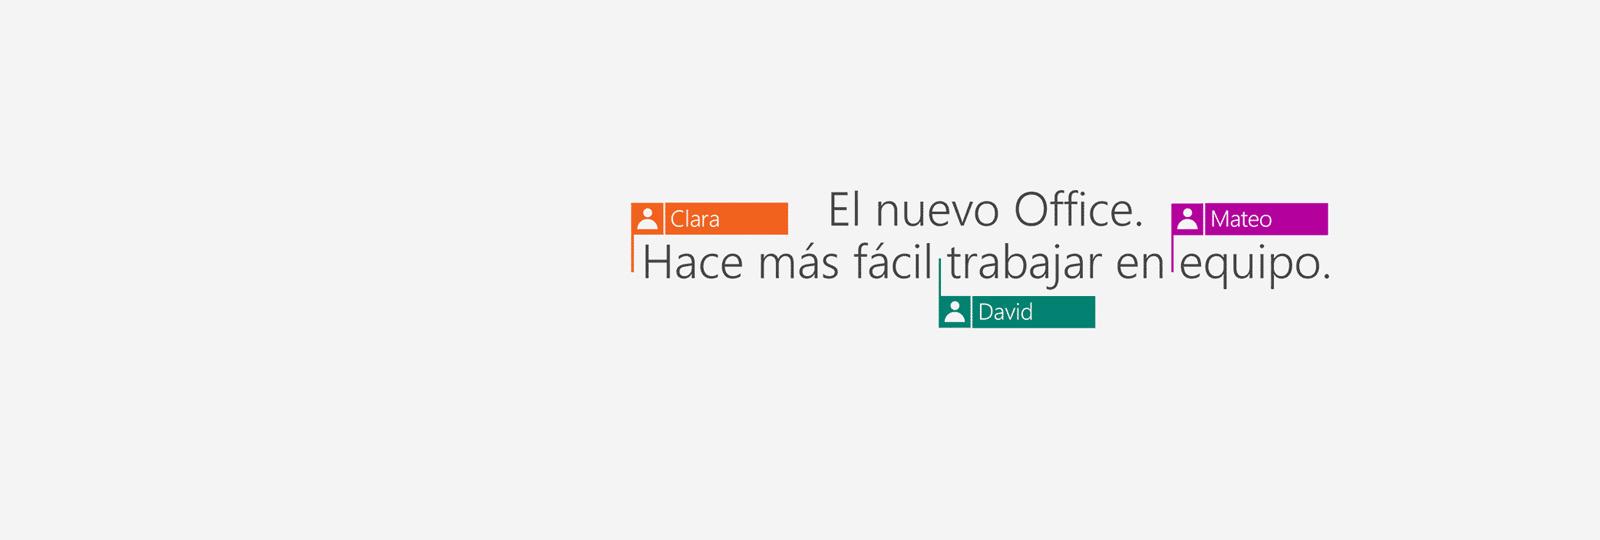 Compra Office 365 y obtén las nuevas aplicaciones el 2016.